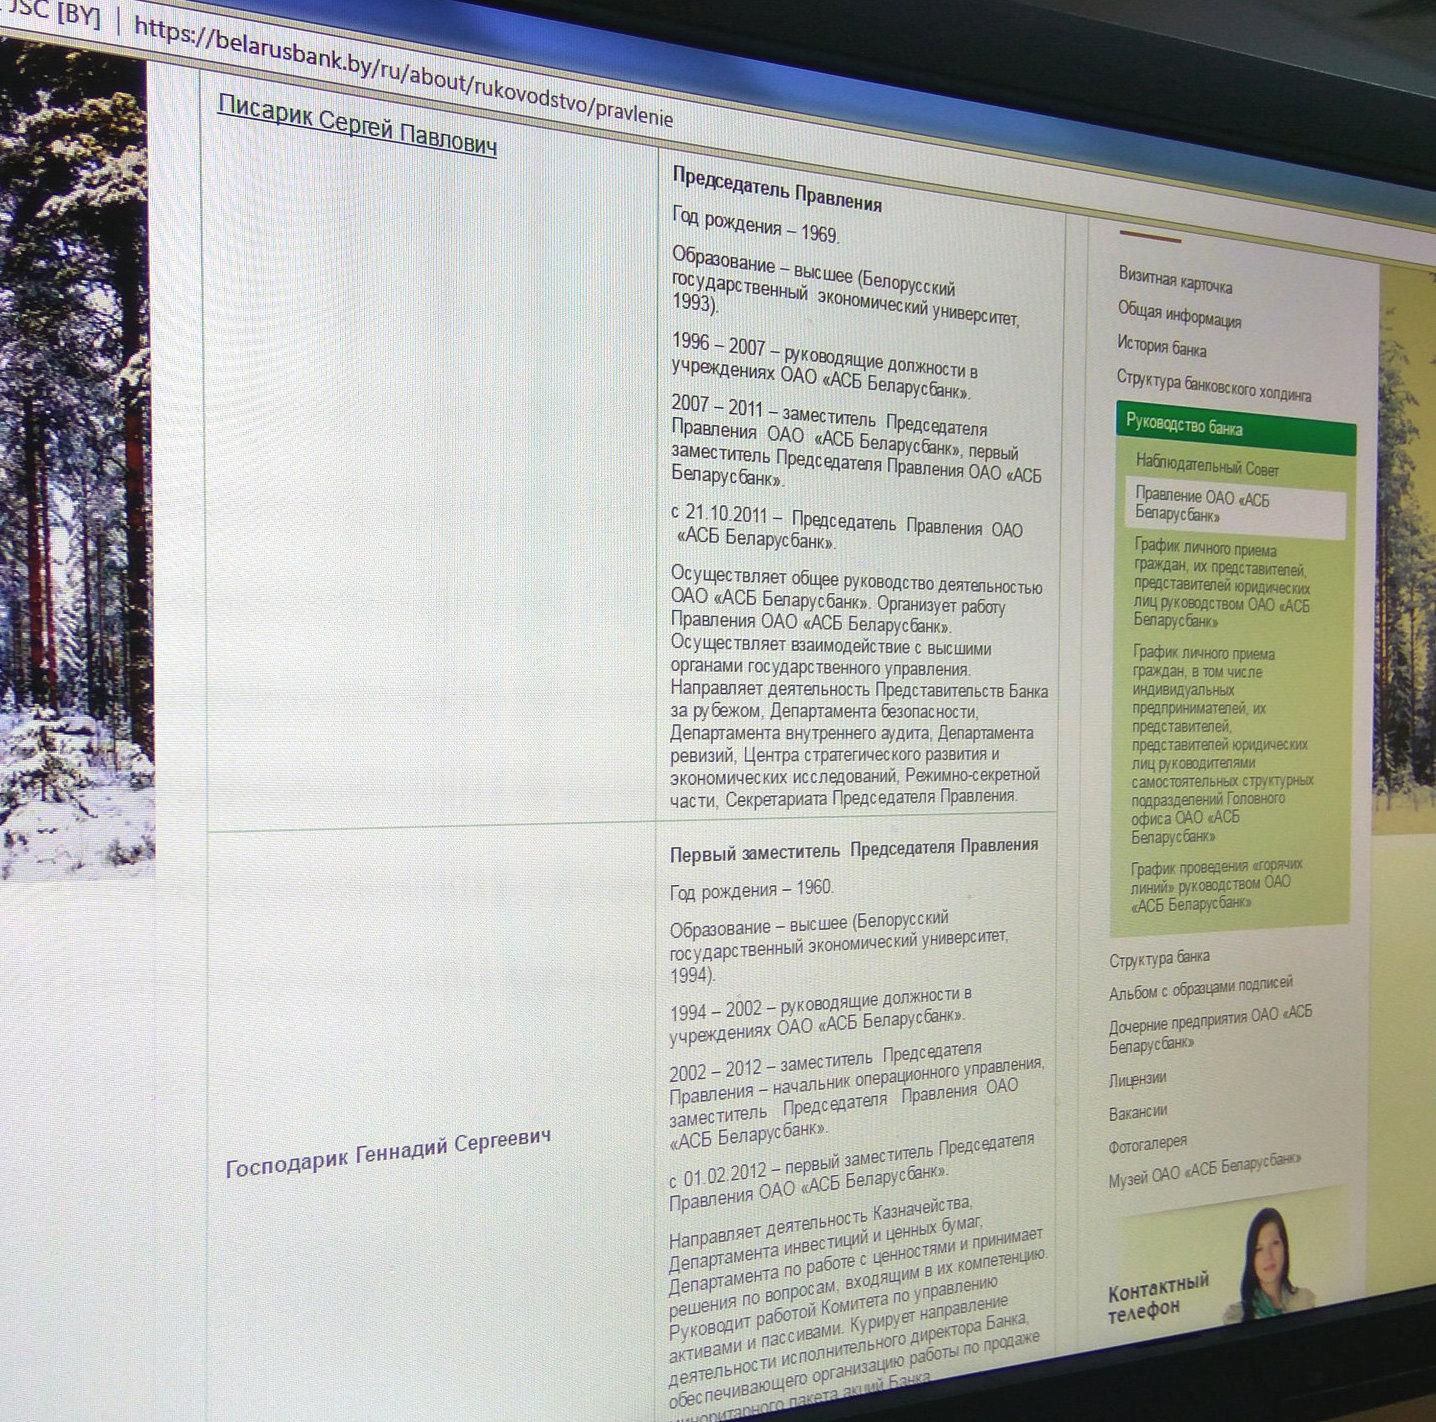 Так выглядит страница сайта Беларусбанка с правлением 15 декабря